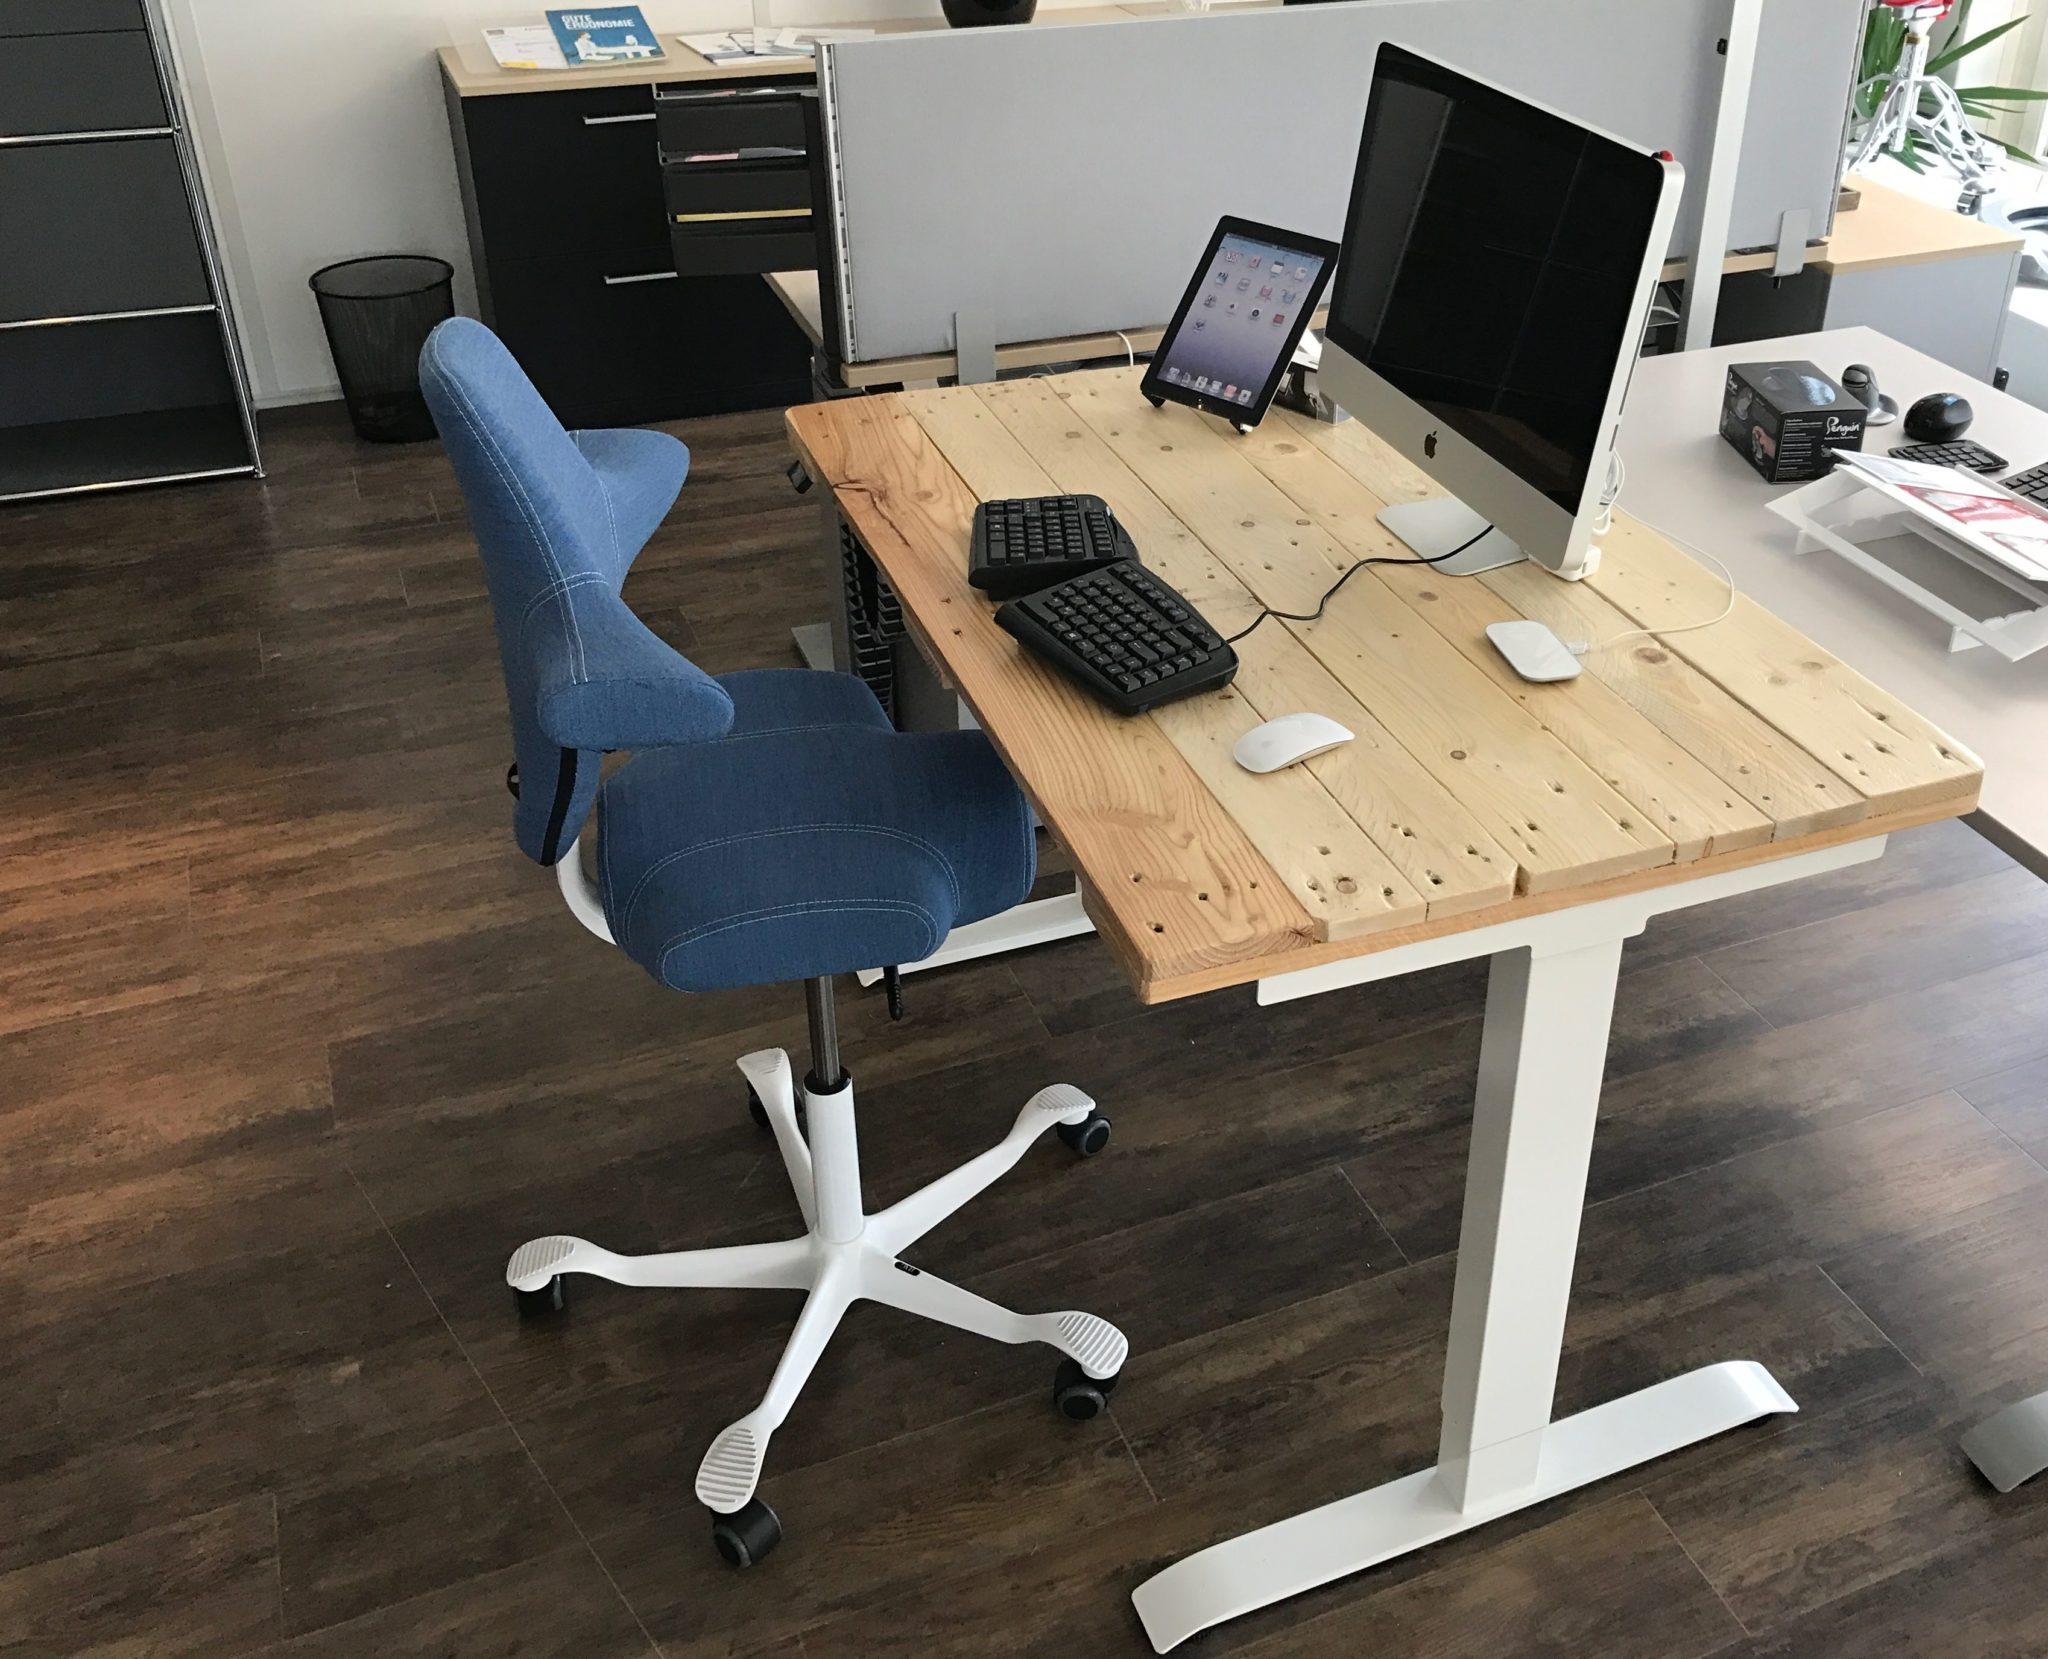 Elektrischer Schreibtisch mit Euro-Paletten-Recycling DIY